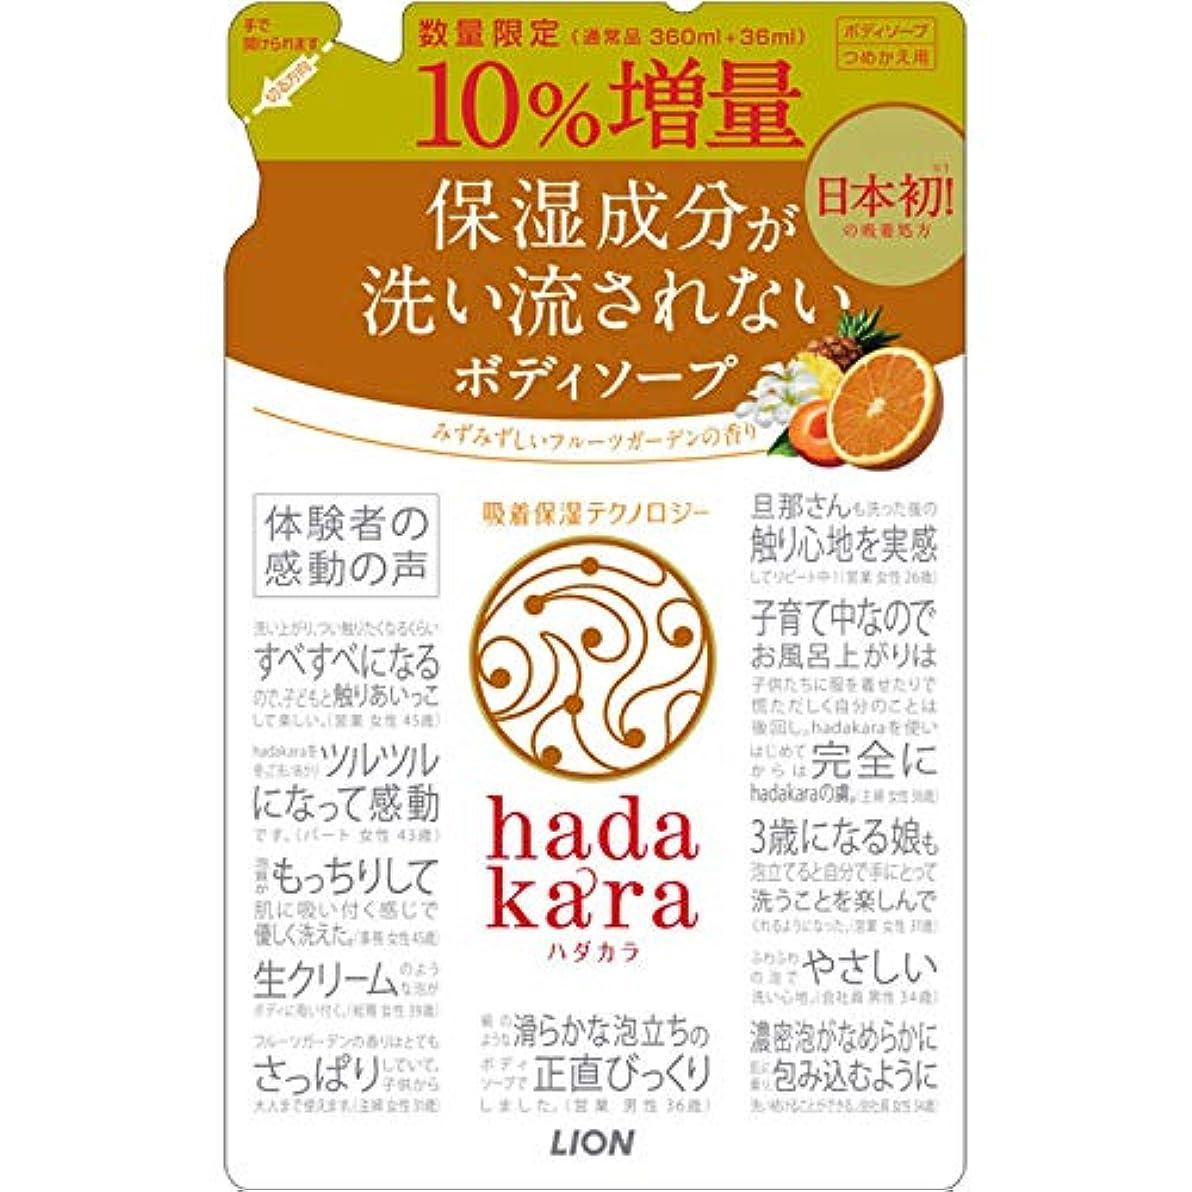 【数量限定】hadakara(ハダカラ) ボディソープ フルーツガーデンの香り つめかえ用 10%増量 396ml